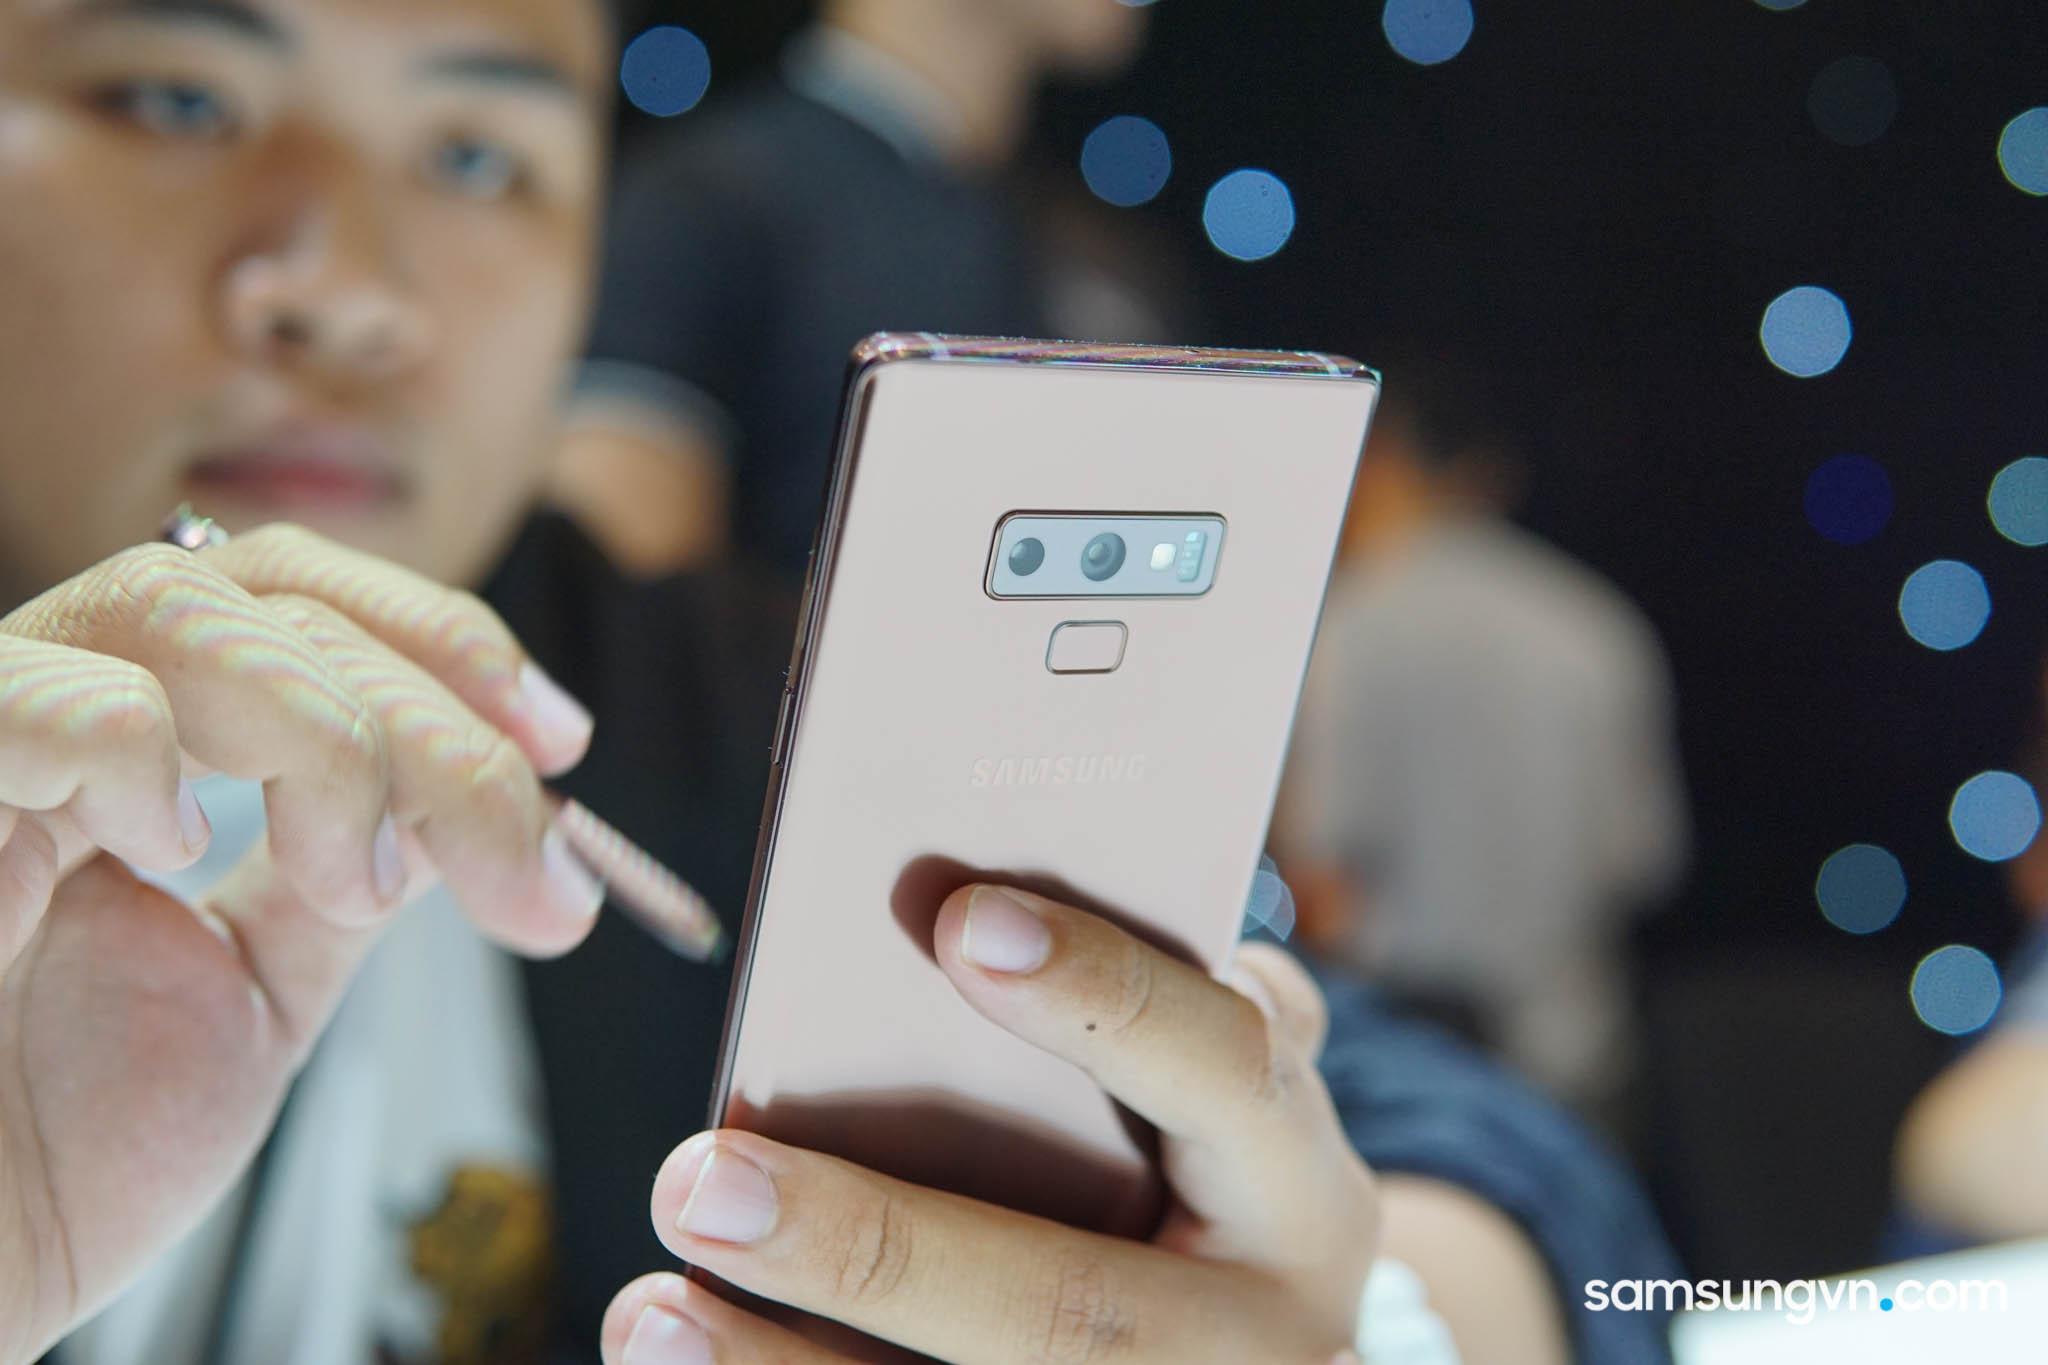 Chi tiết về những Đặc quyền riêng cho chủ nhân Galaxy Note9